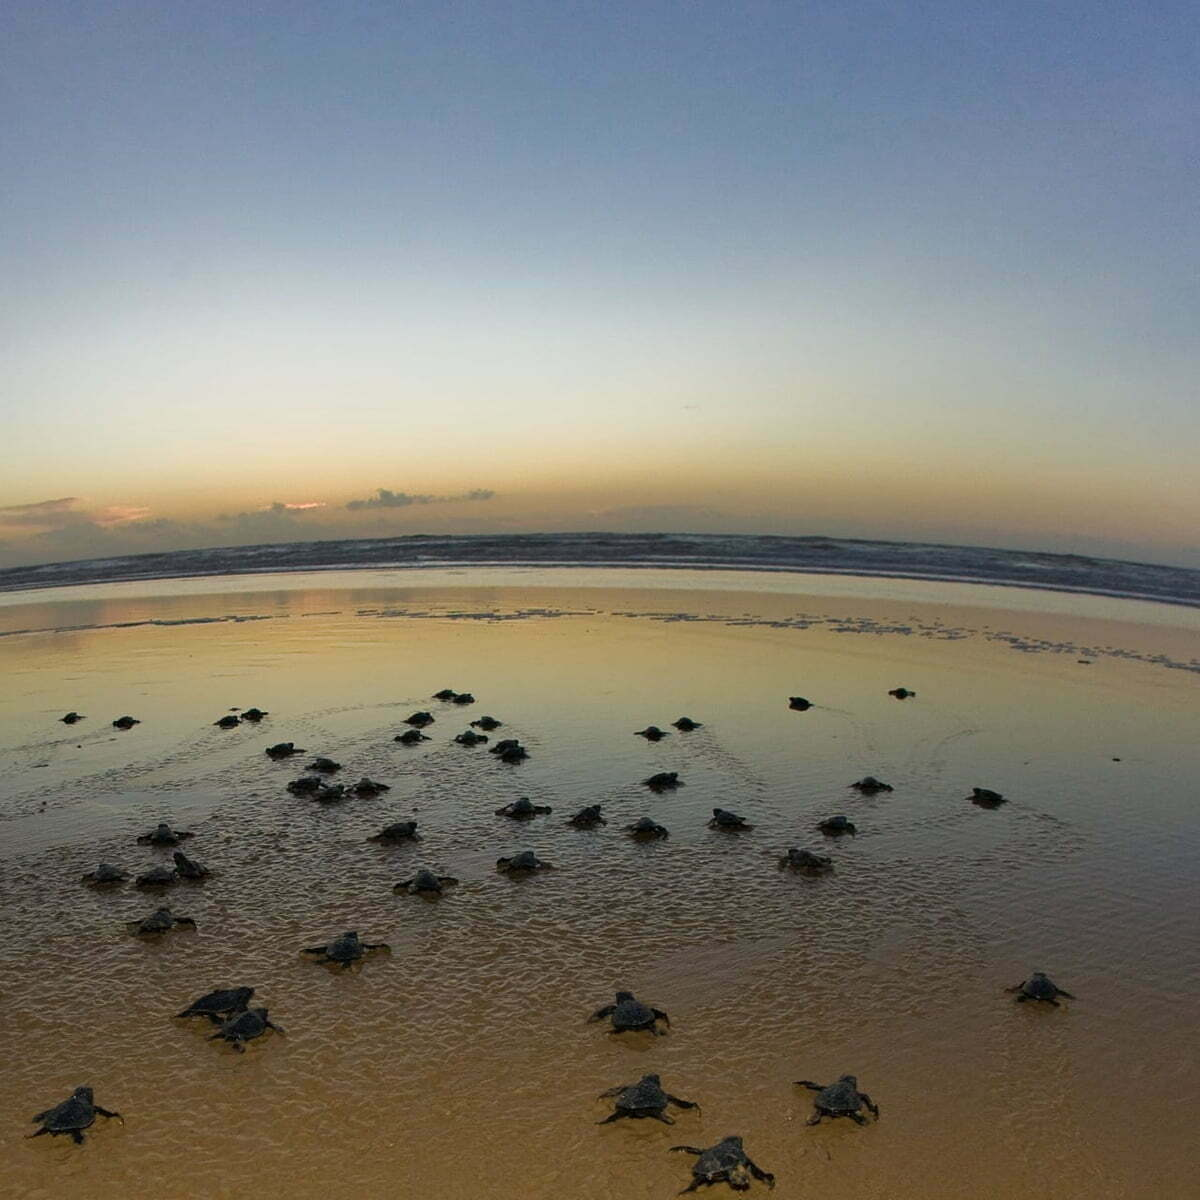 imagem de filhotes de tartarugas em praia